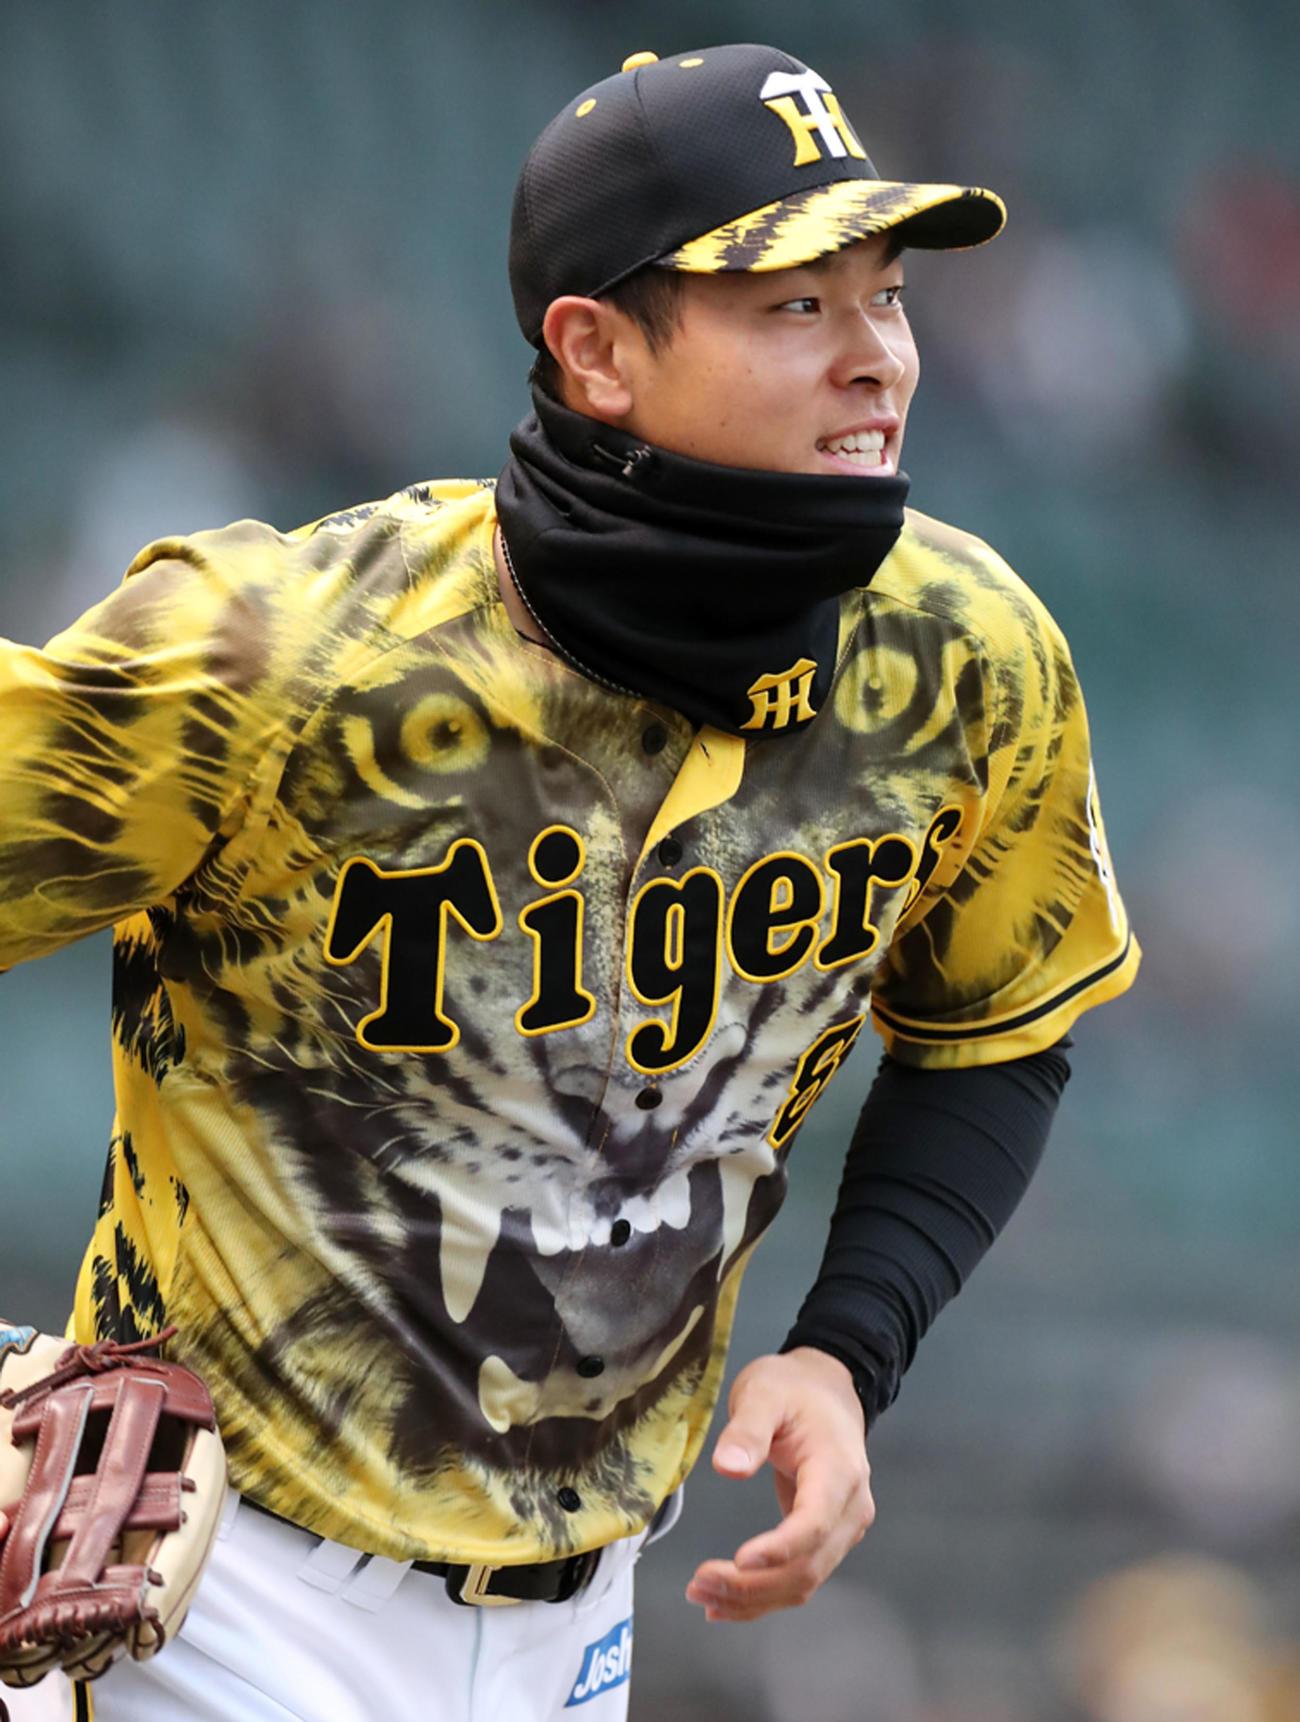 阪神対ヤクルト 今日はウル虎の夏2021ユニホームを着用してグラウンドに出る佐藤輝(撮影・加藤哉)